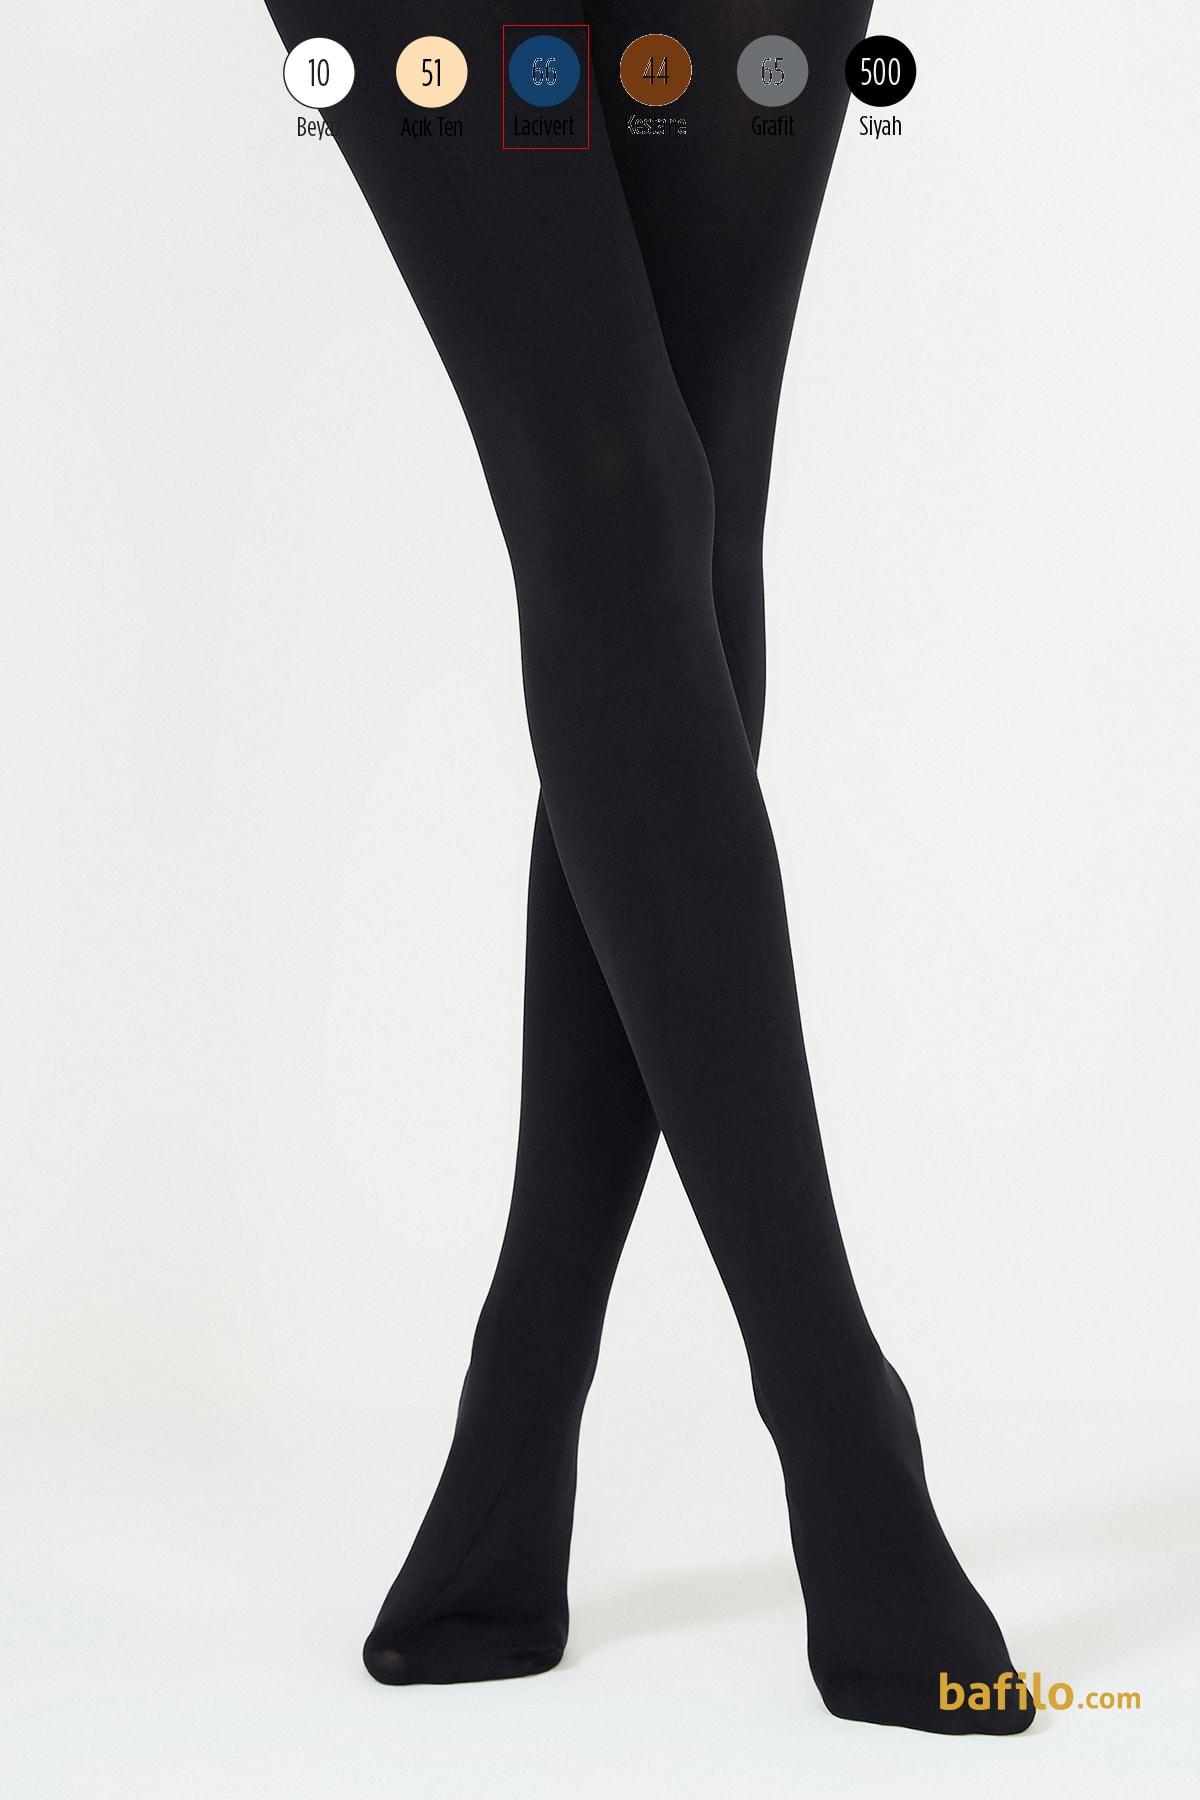 پنتی | Penti - جوراب شلواری ضخیم زنانه پنتی  Mikro 200 سرمه ای